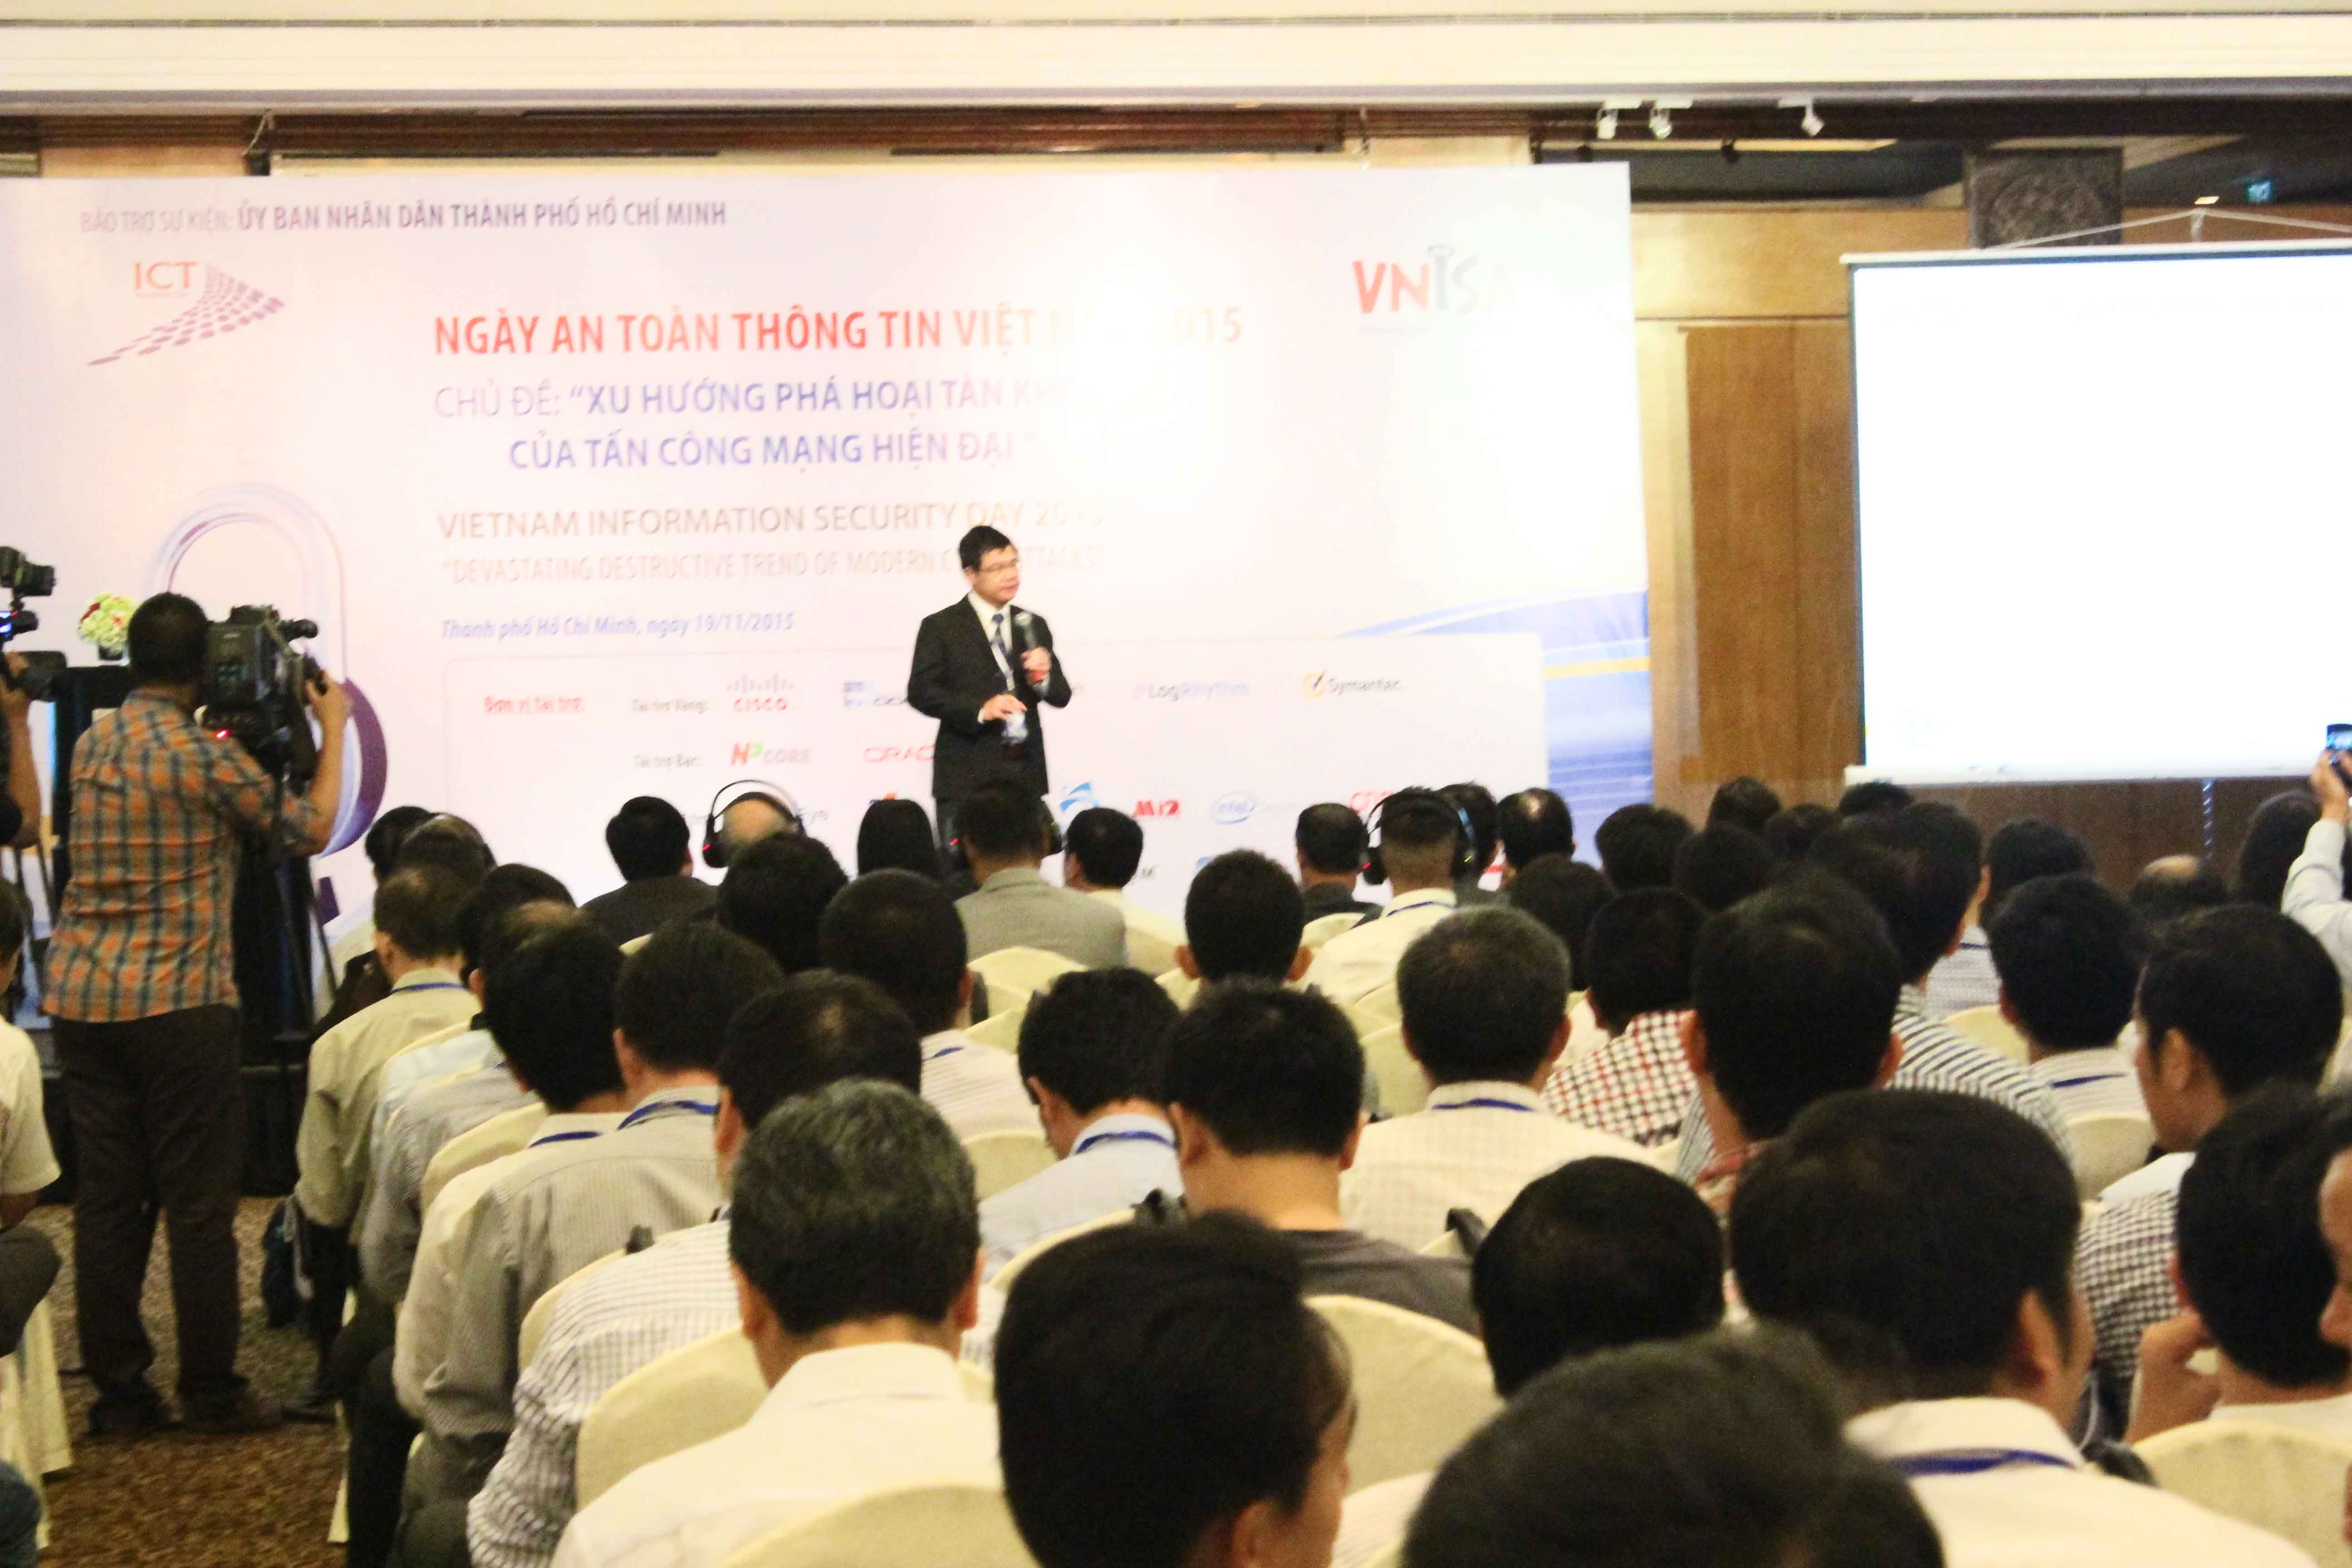 """Mắt Bão chia sẻ vấn đề bảo vệ tên miền trong """"Ngày an toàn thông tin Việt Nam 2015"""""""